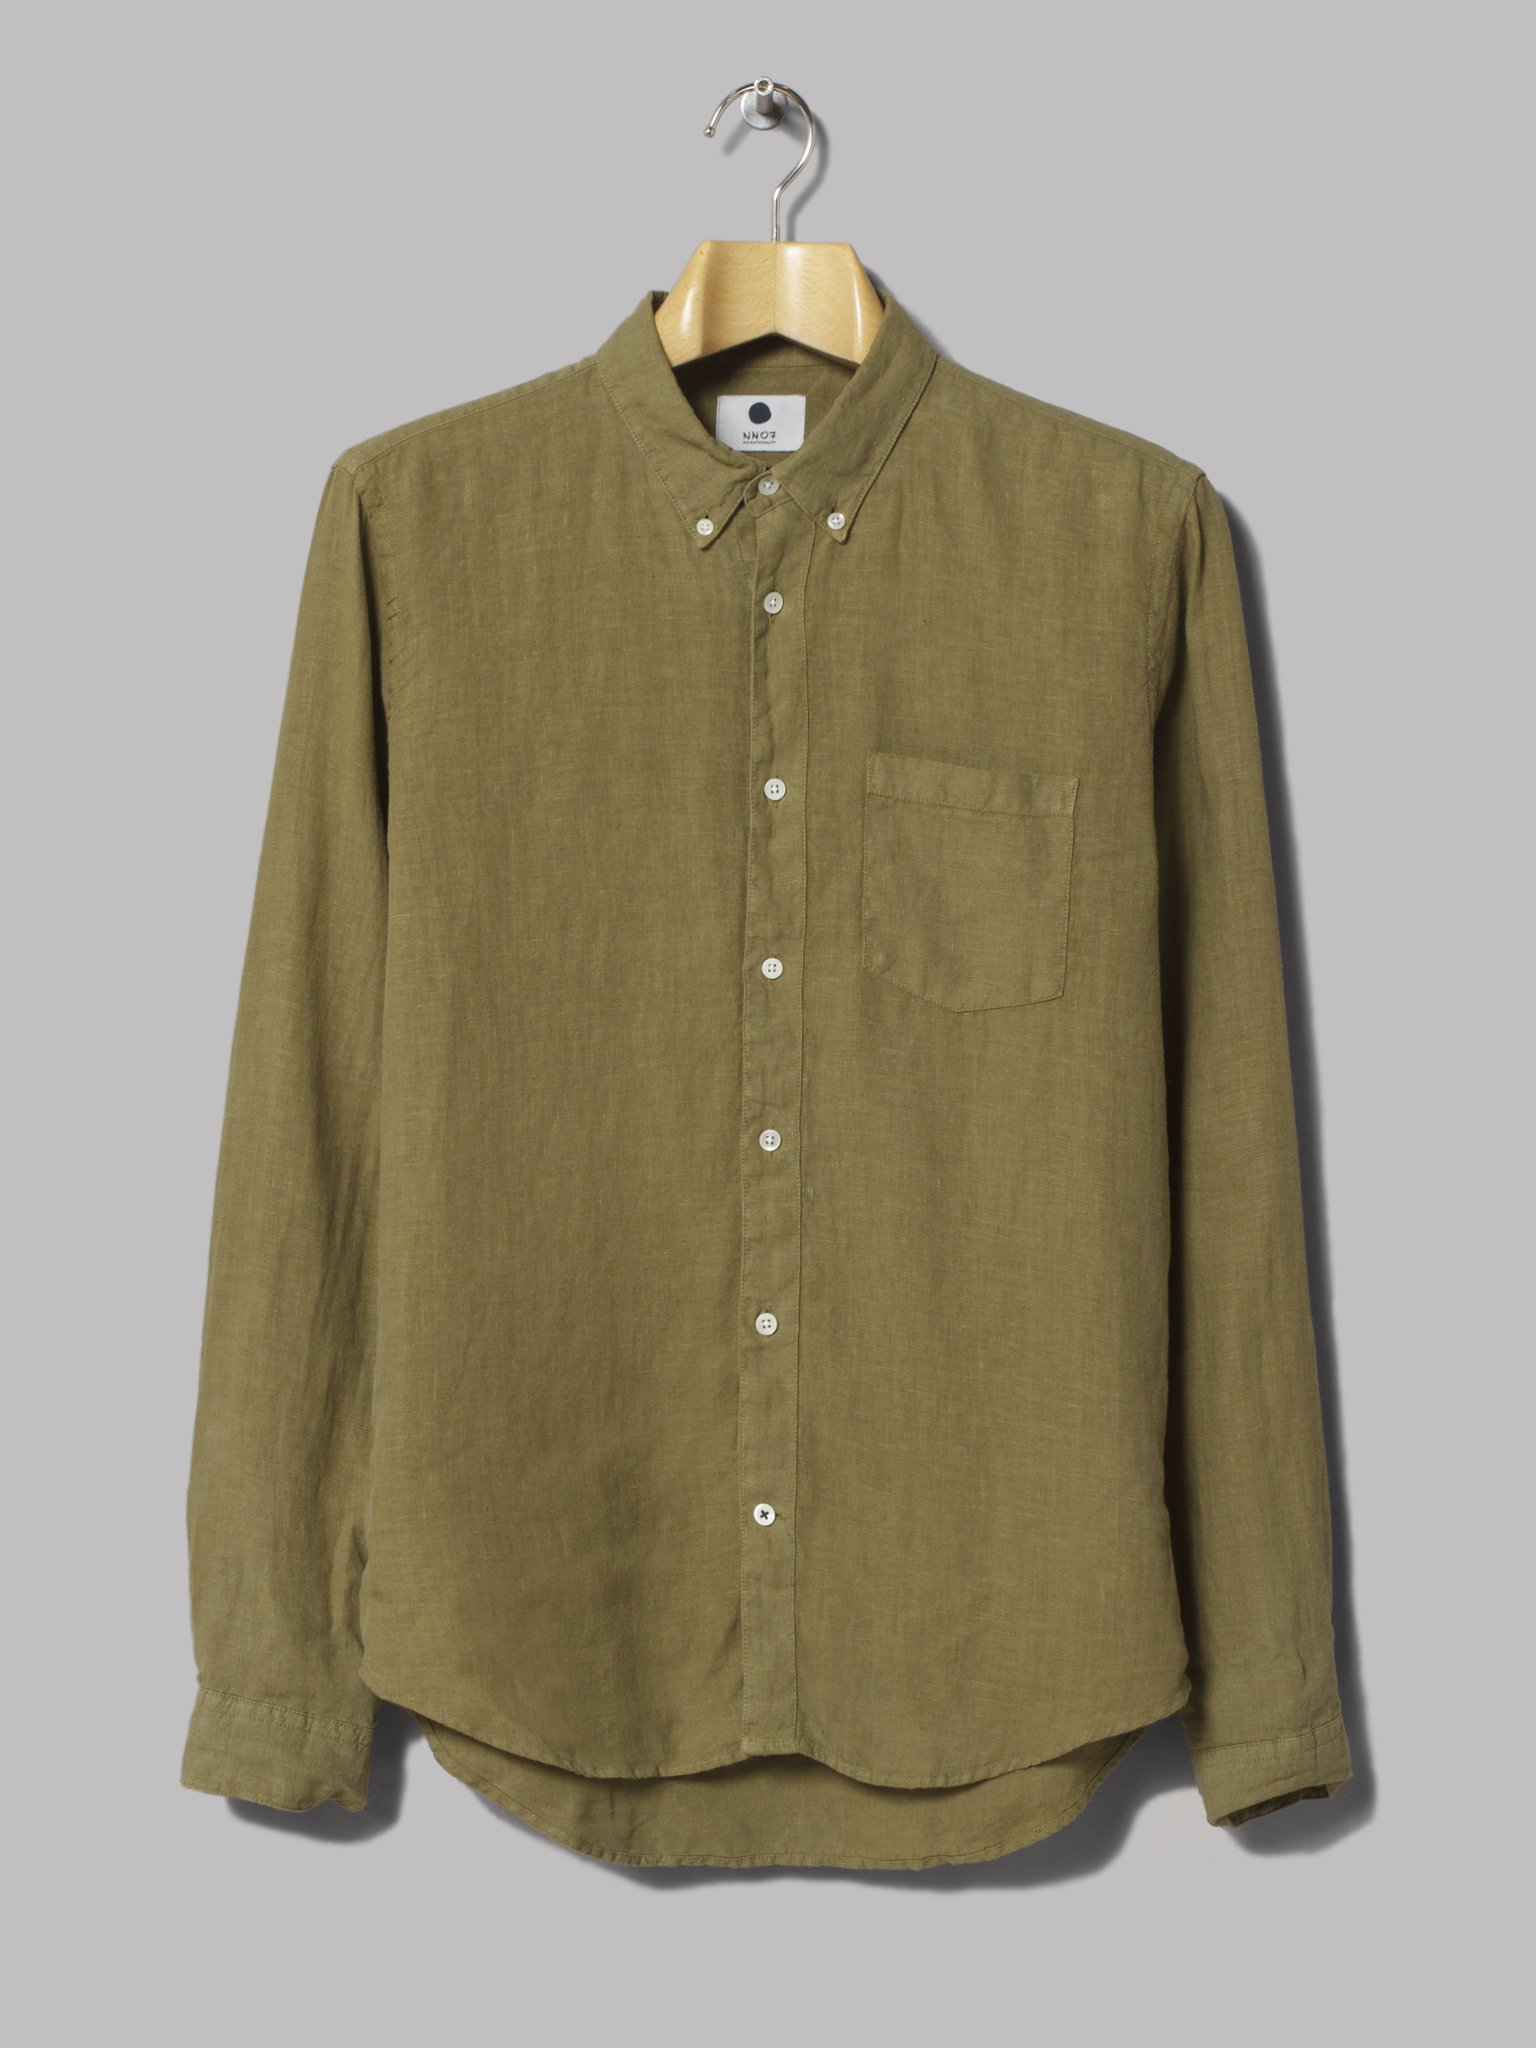 Chemise en Lin - Agréable à porter sans t-shirt quand il fait 40° à l'ombre